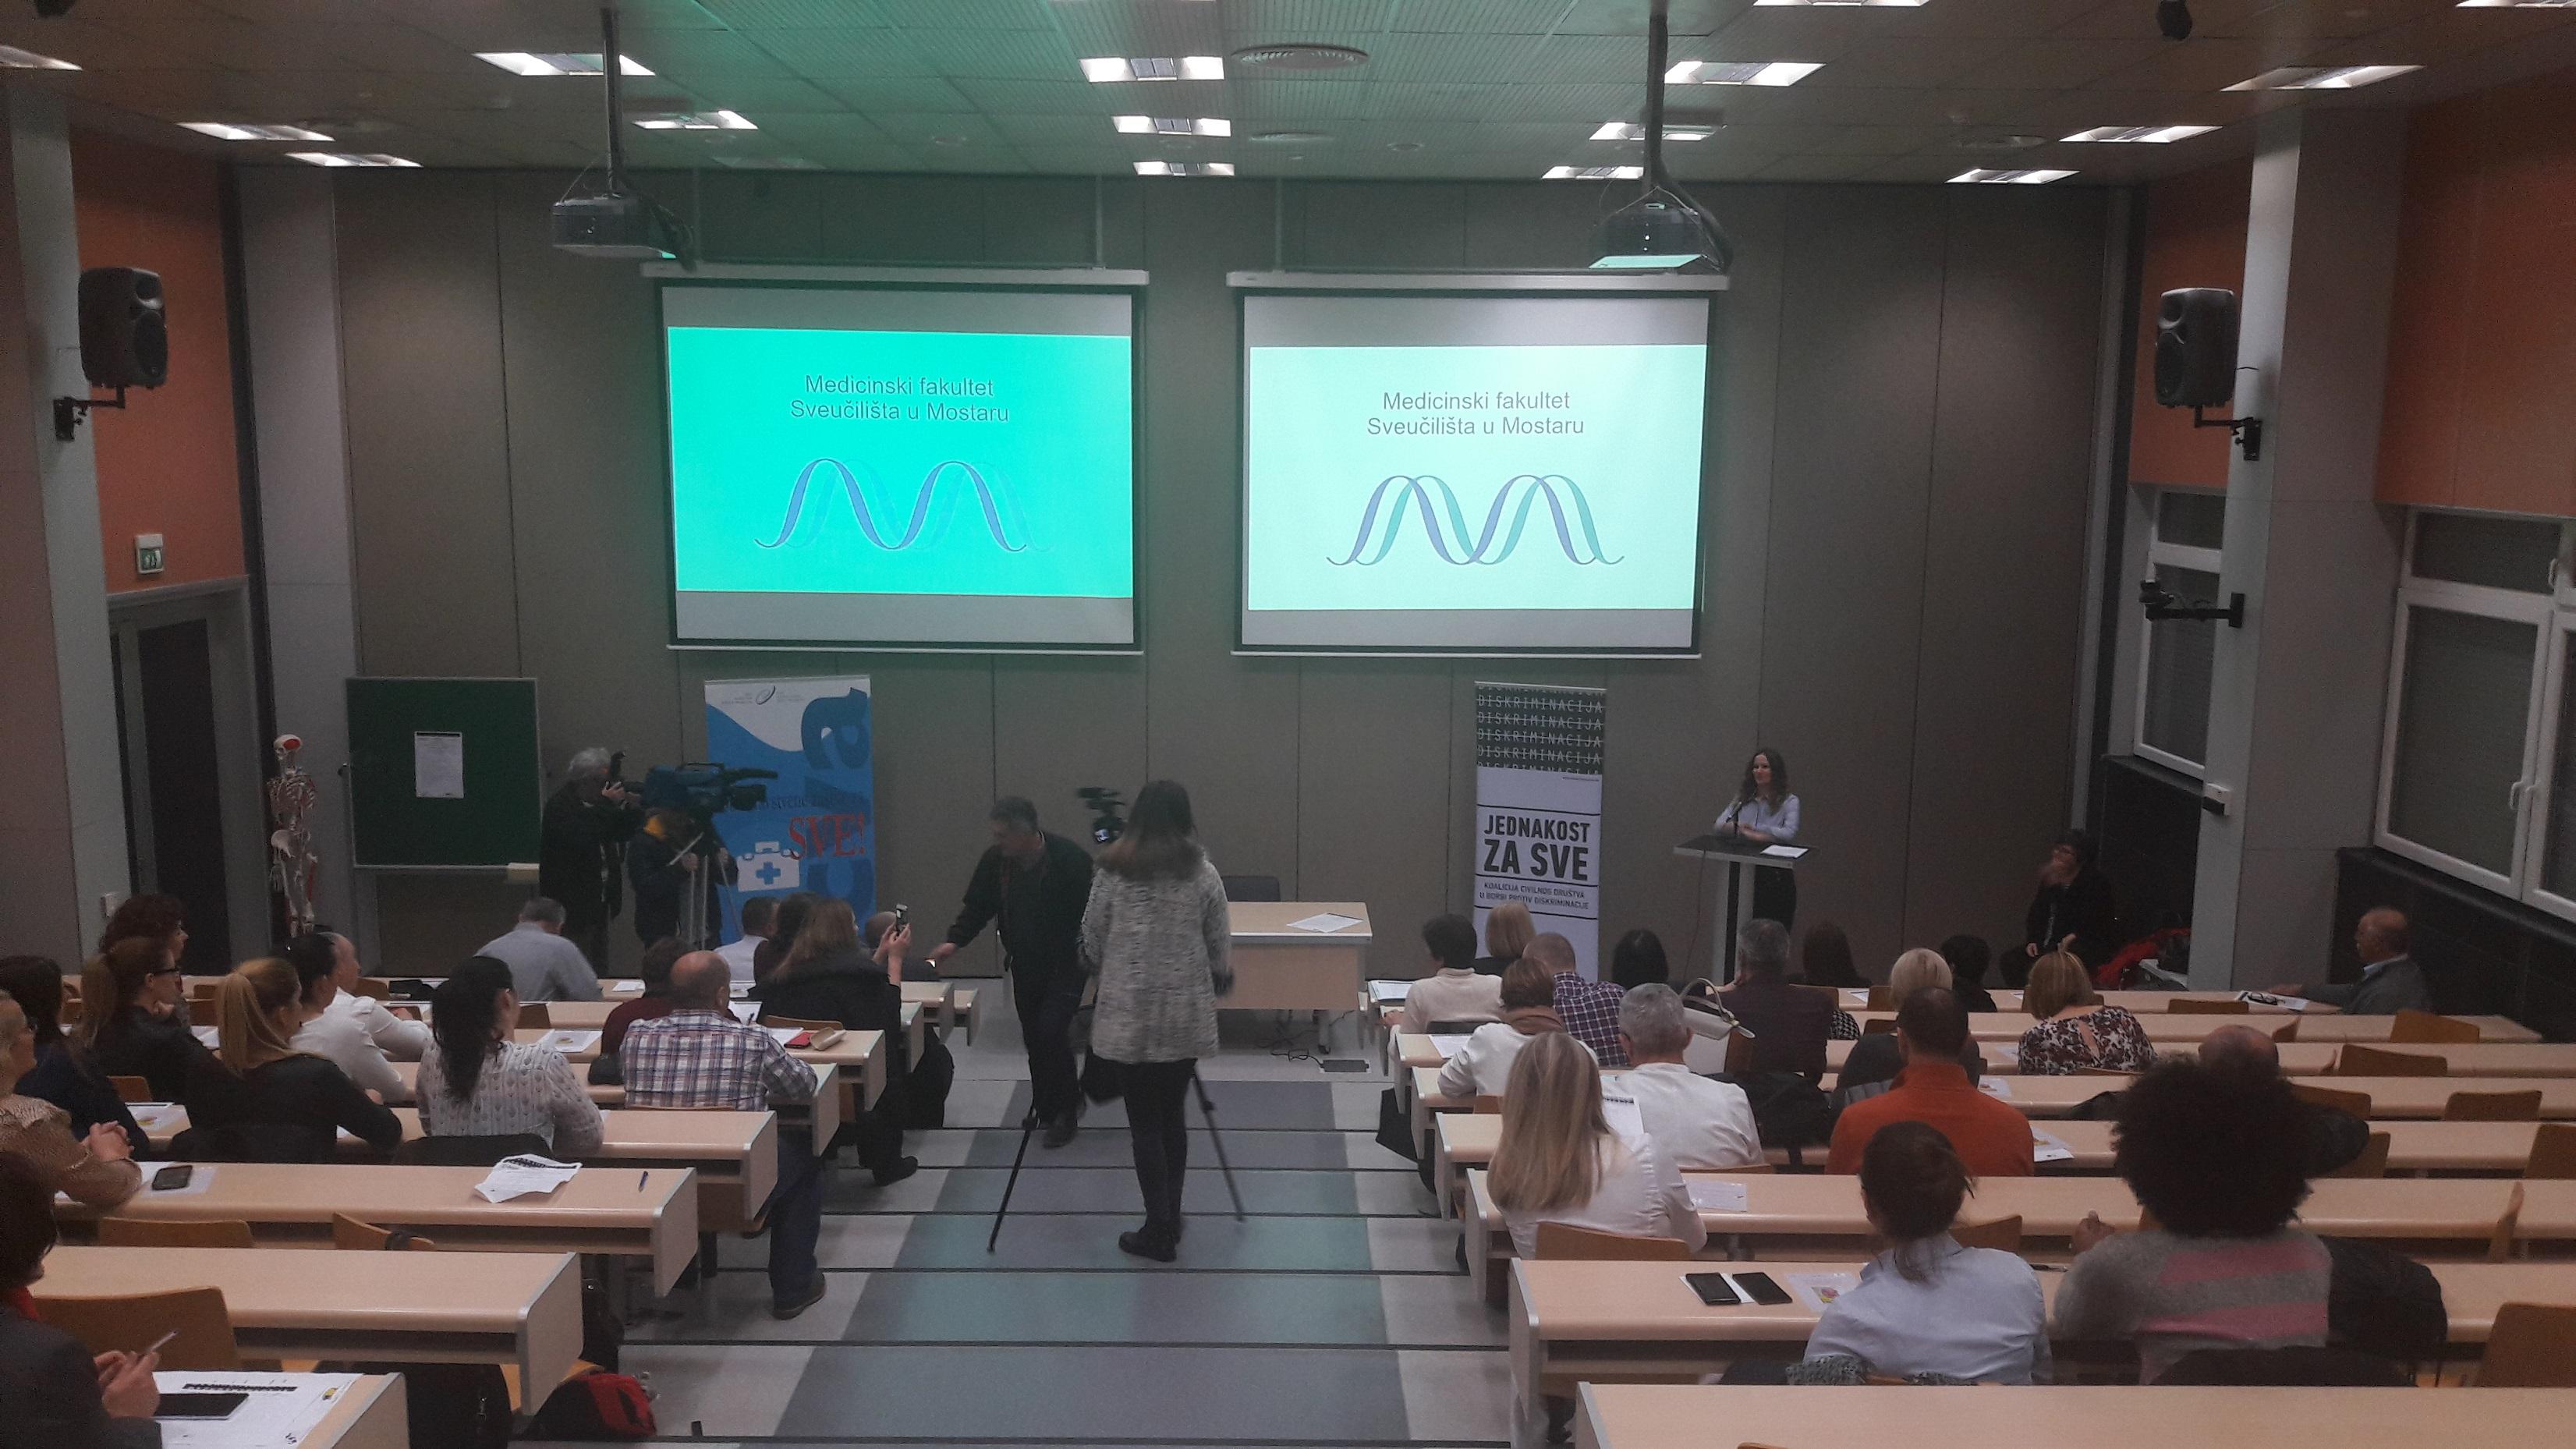 """Diskusija na temu """"Uspostava sustava redovite stomatološke usluge za osobe s invaliditetom"""" Mostar 23. 02. 2017"""